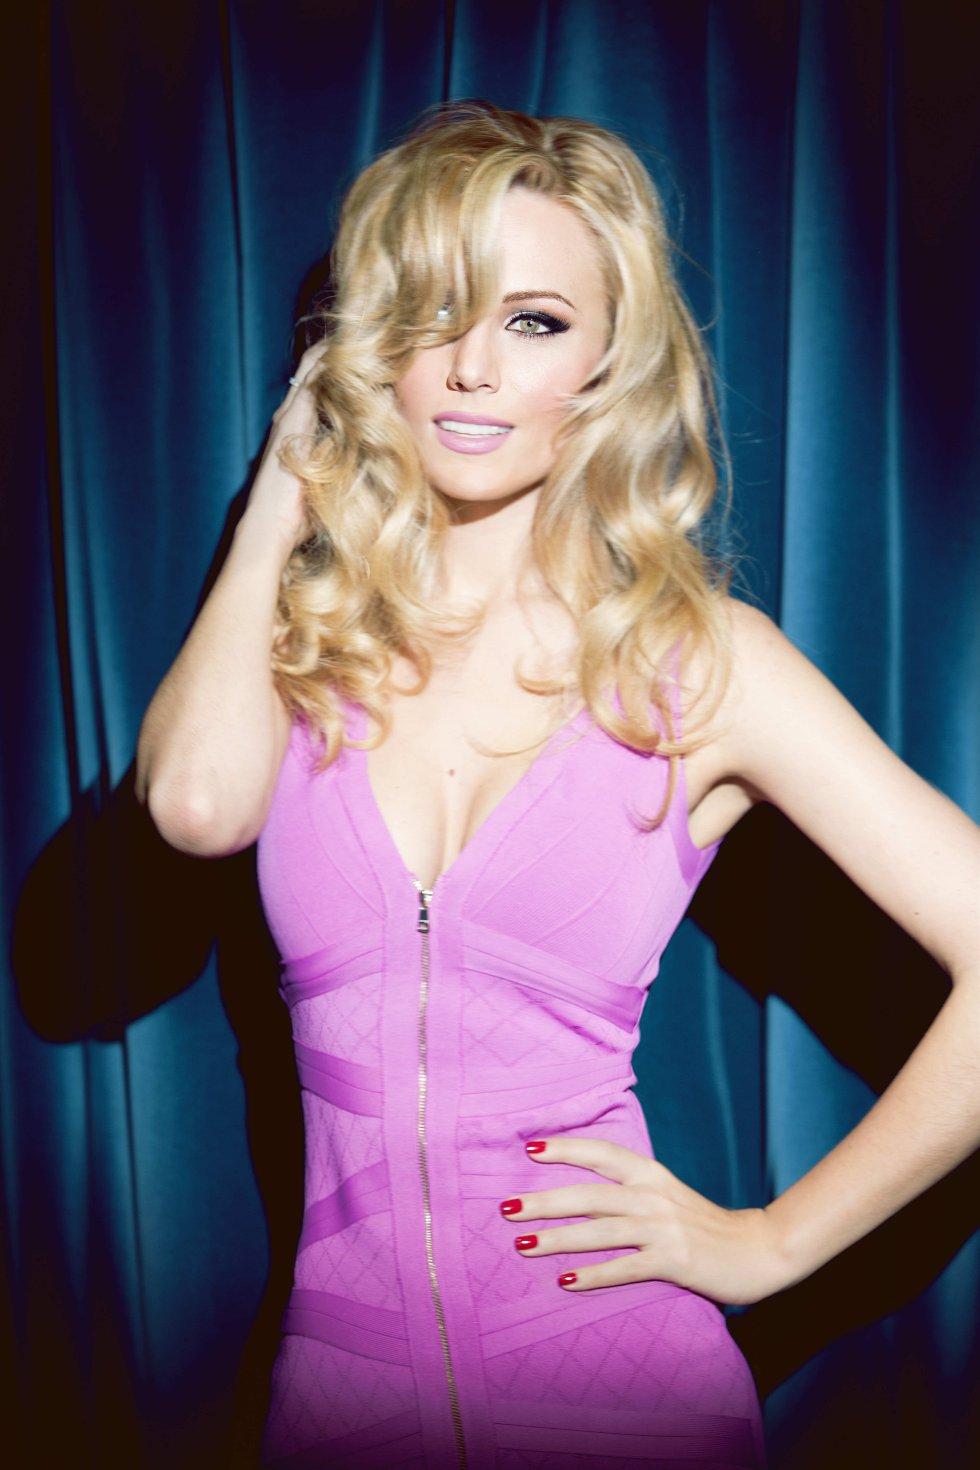 Eurovisión 2015:: Así posa Edurne para ir a Eurovisión